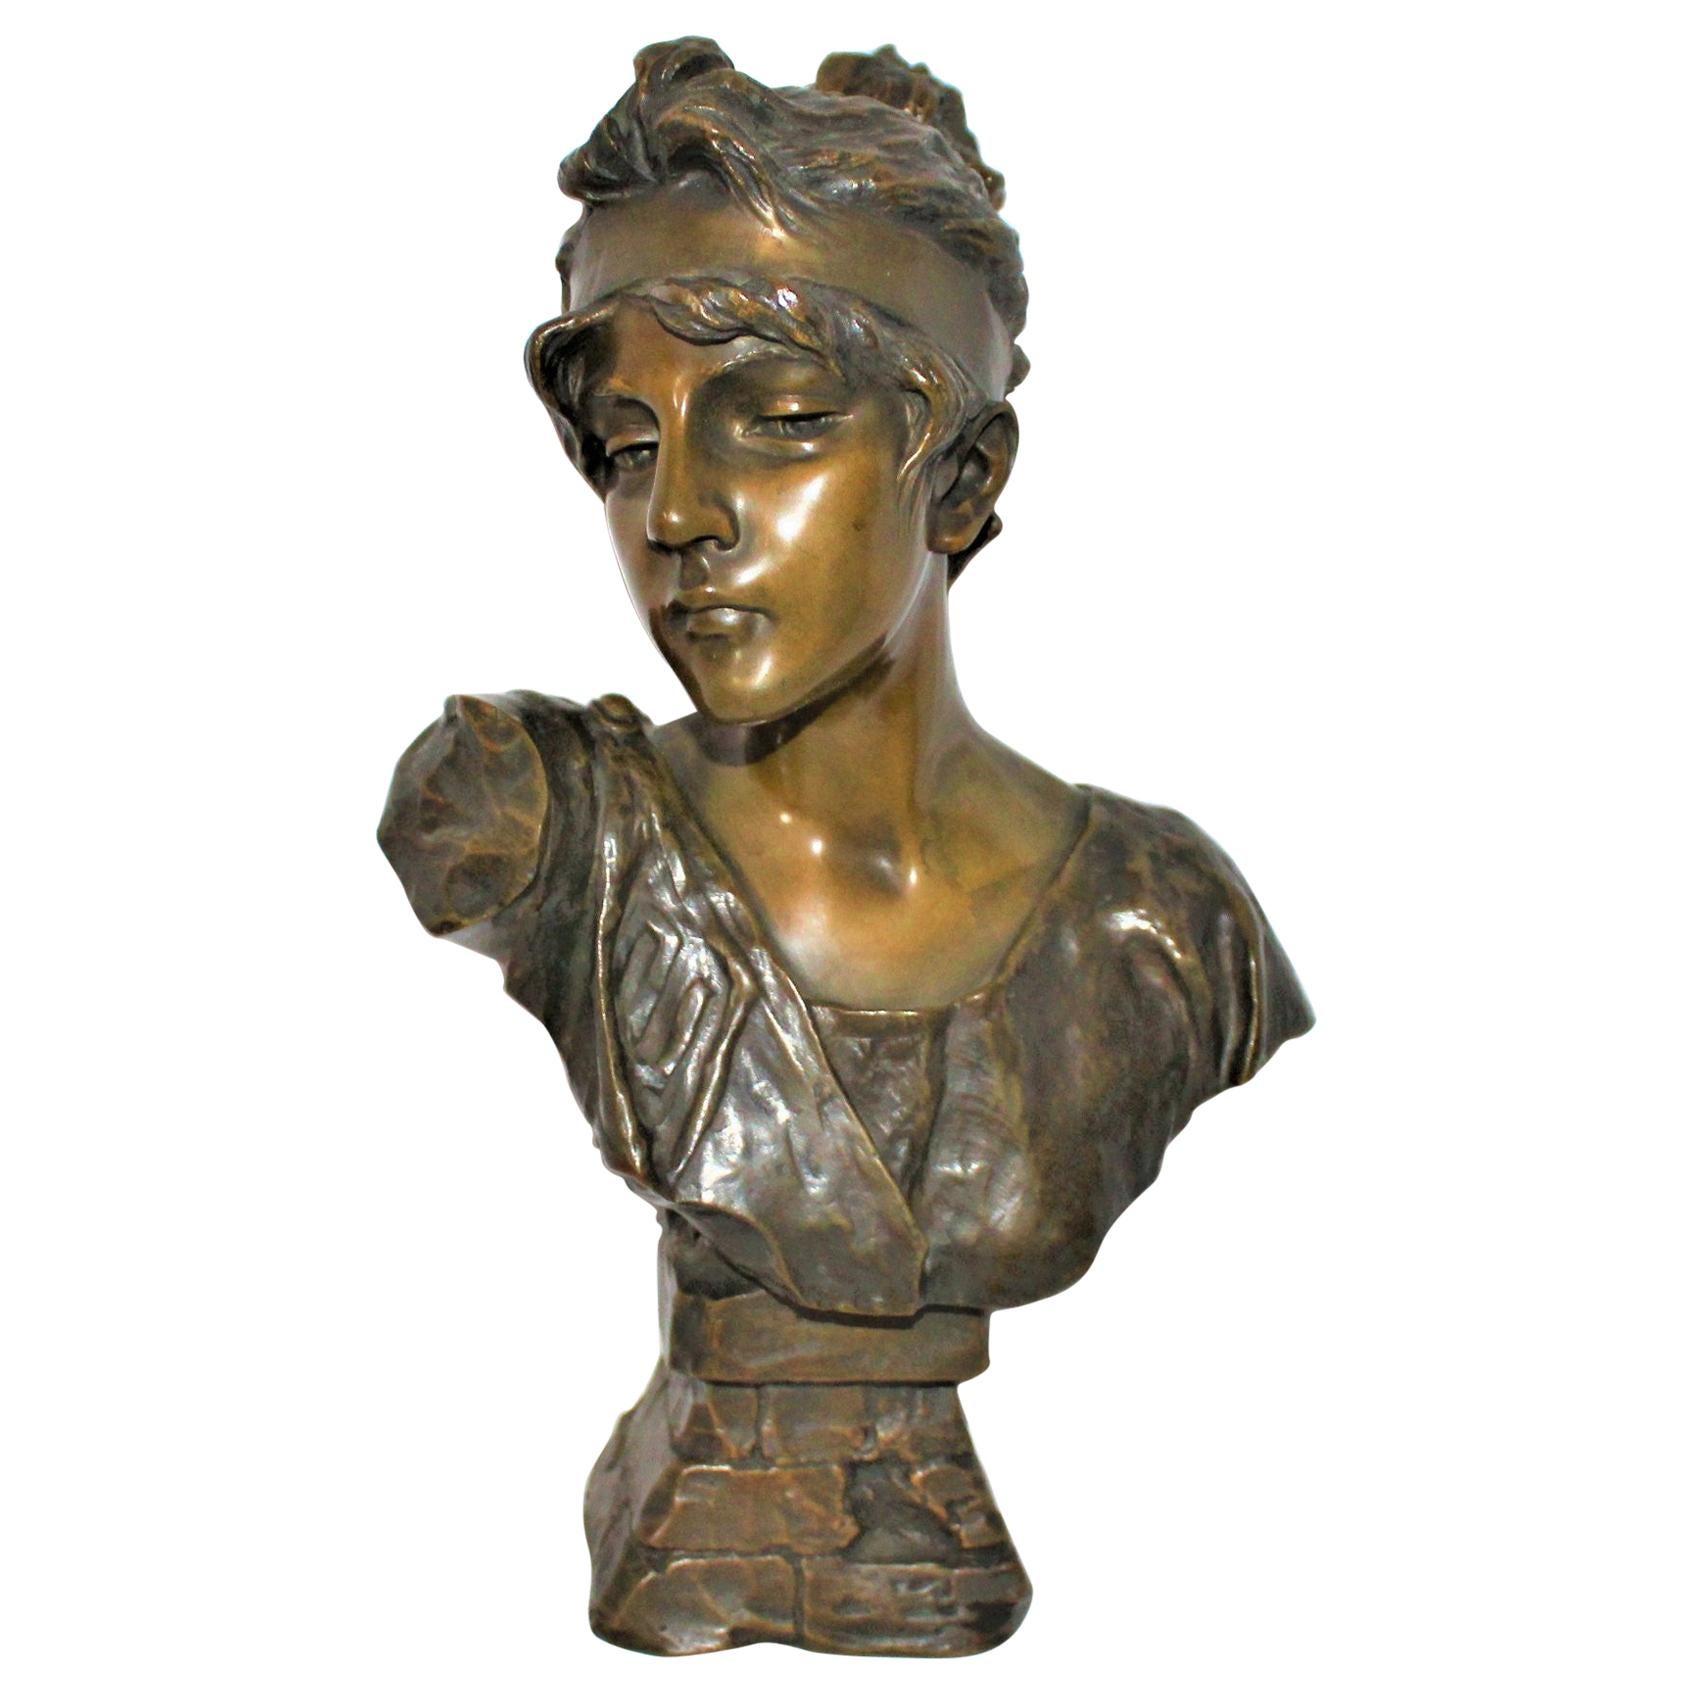 Antique Bust, Art Nouveau by Villanis Bronze Medium Size